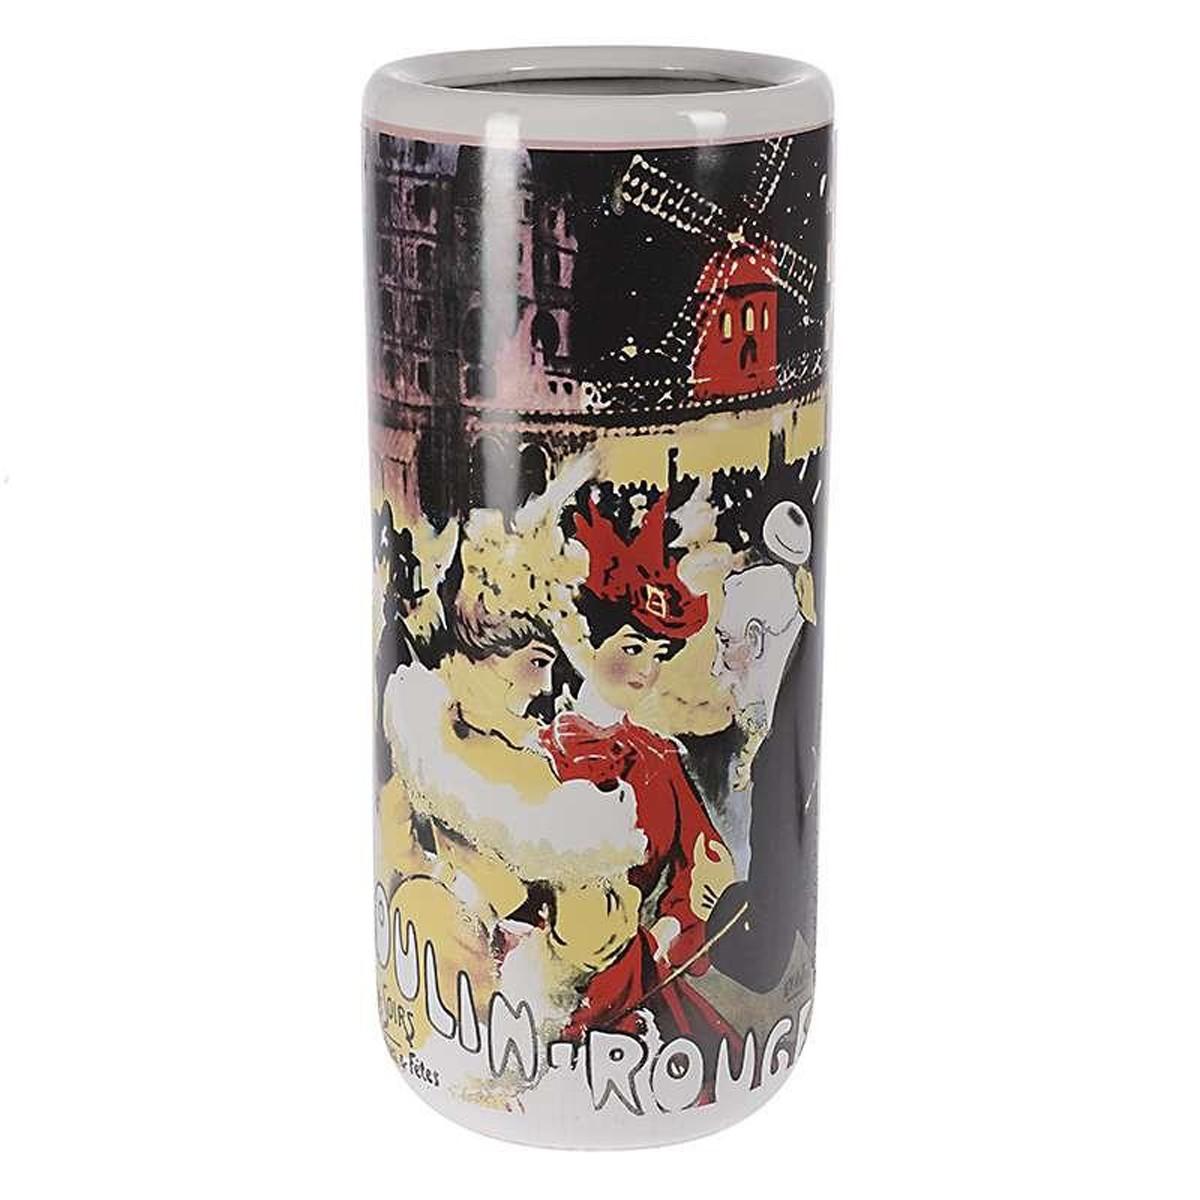 Ομπρελοθήκη InArt Moulin Rouge 3-70-489-0003 66502